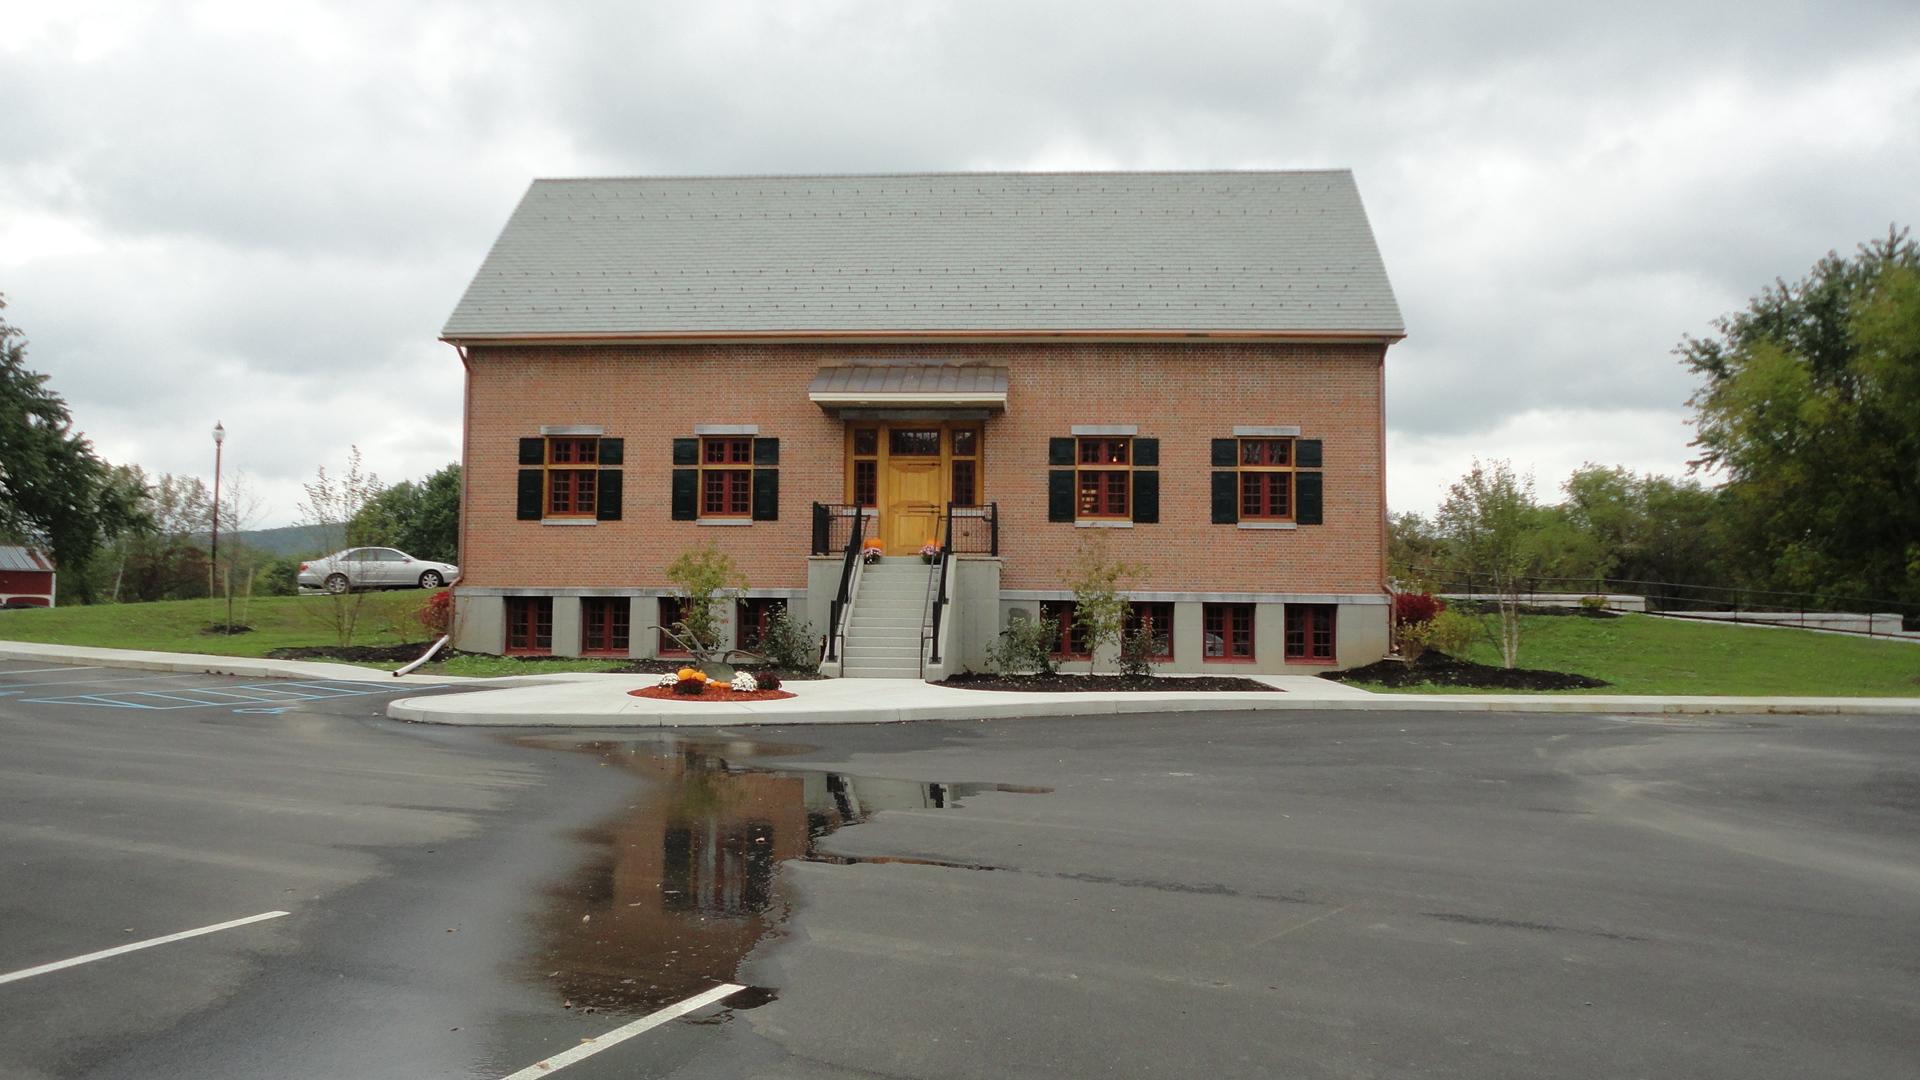 Franchere Education Center Mabee Farm Historic Site